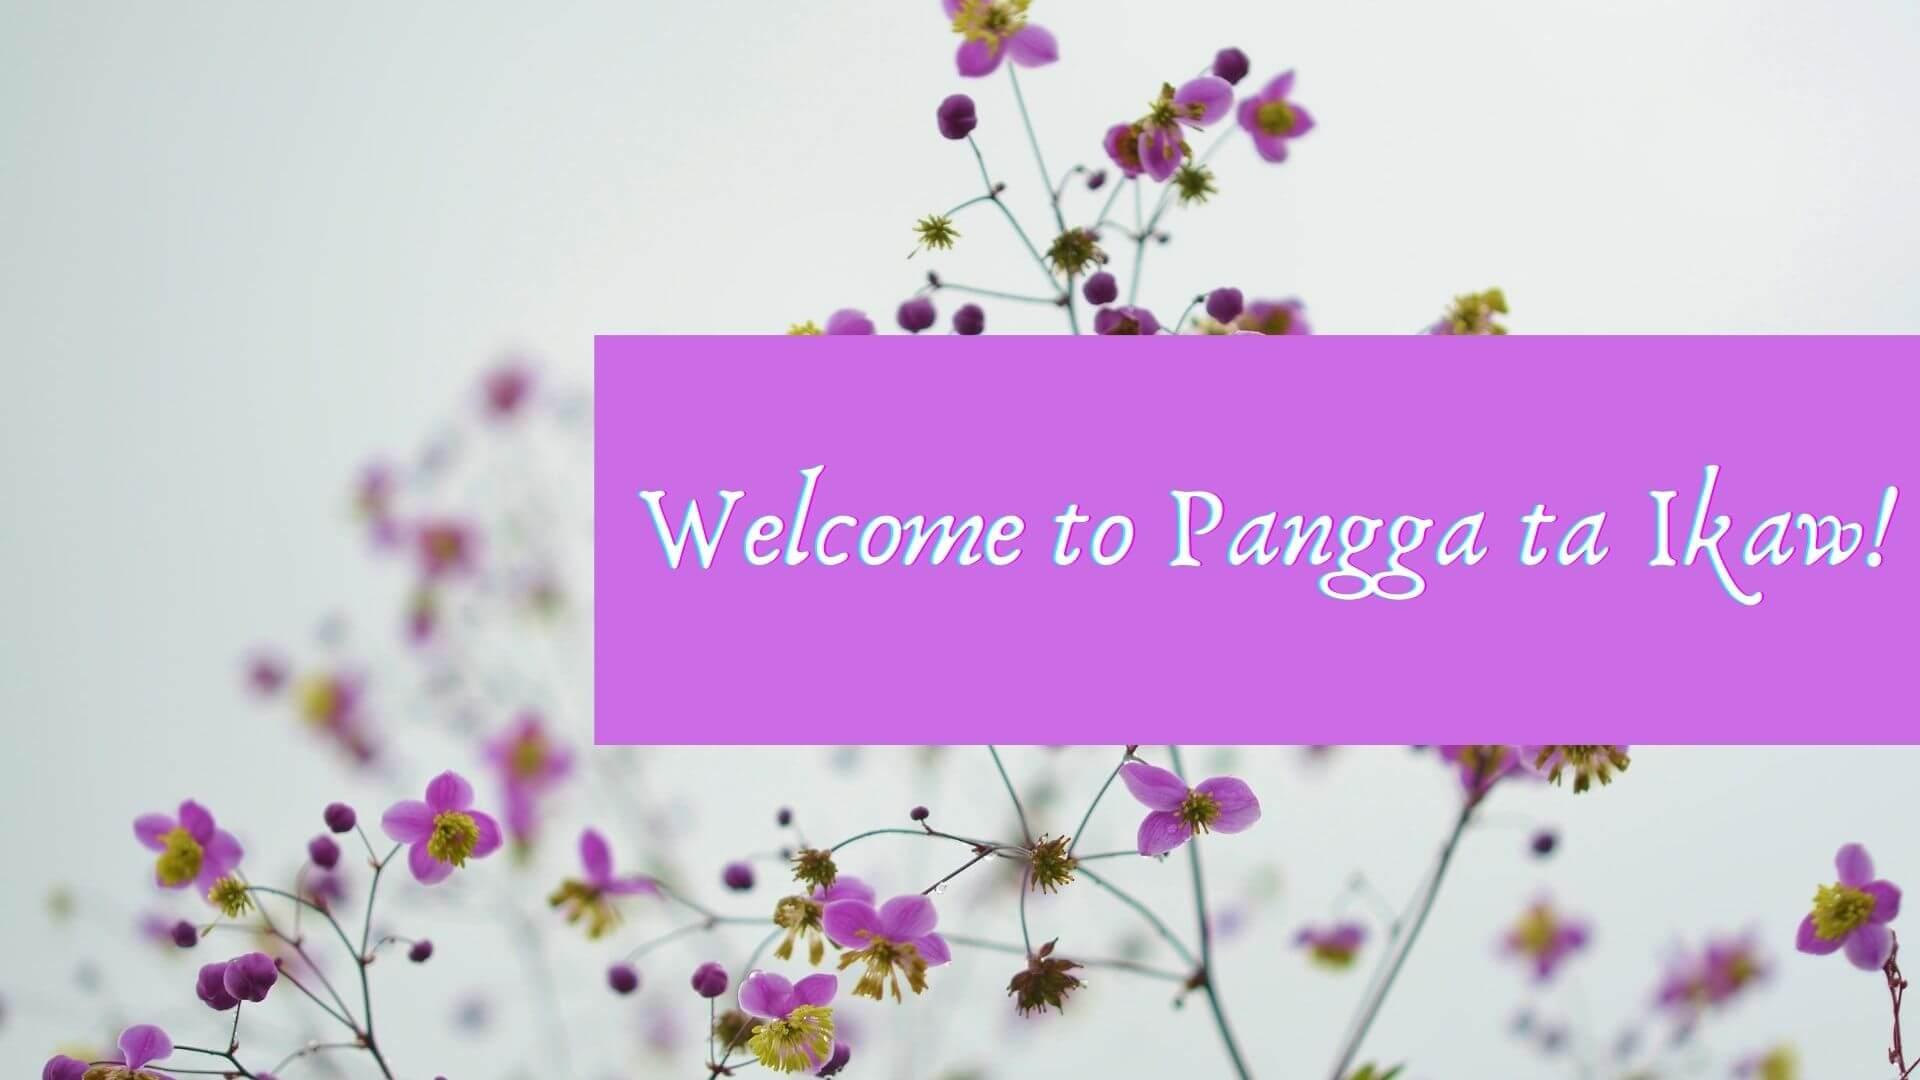 Welcome to Pangga ta Ikaw